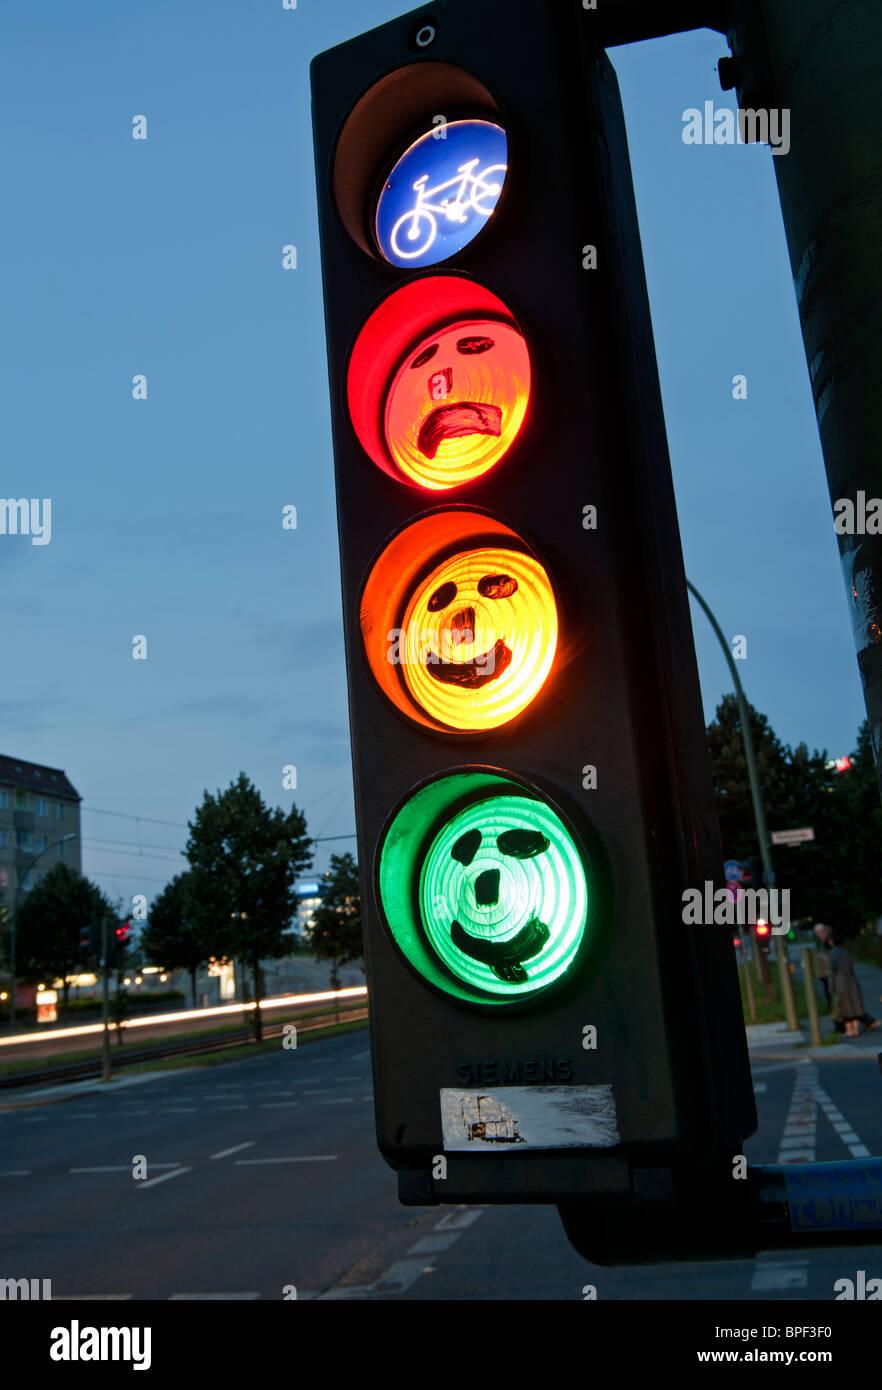 Gesichter auf Zyklus Ampel gezeichnet in der Abenddämmerung in Berlin Deutschland Stockfoto